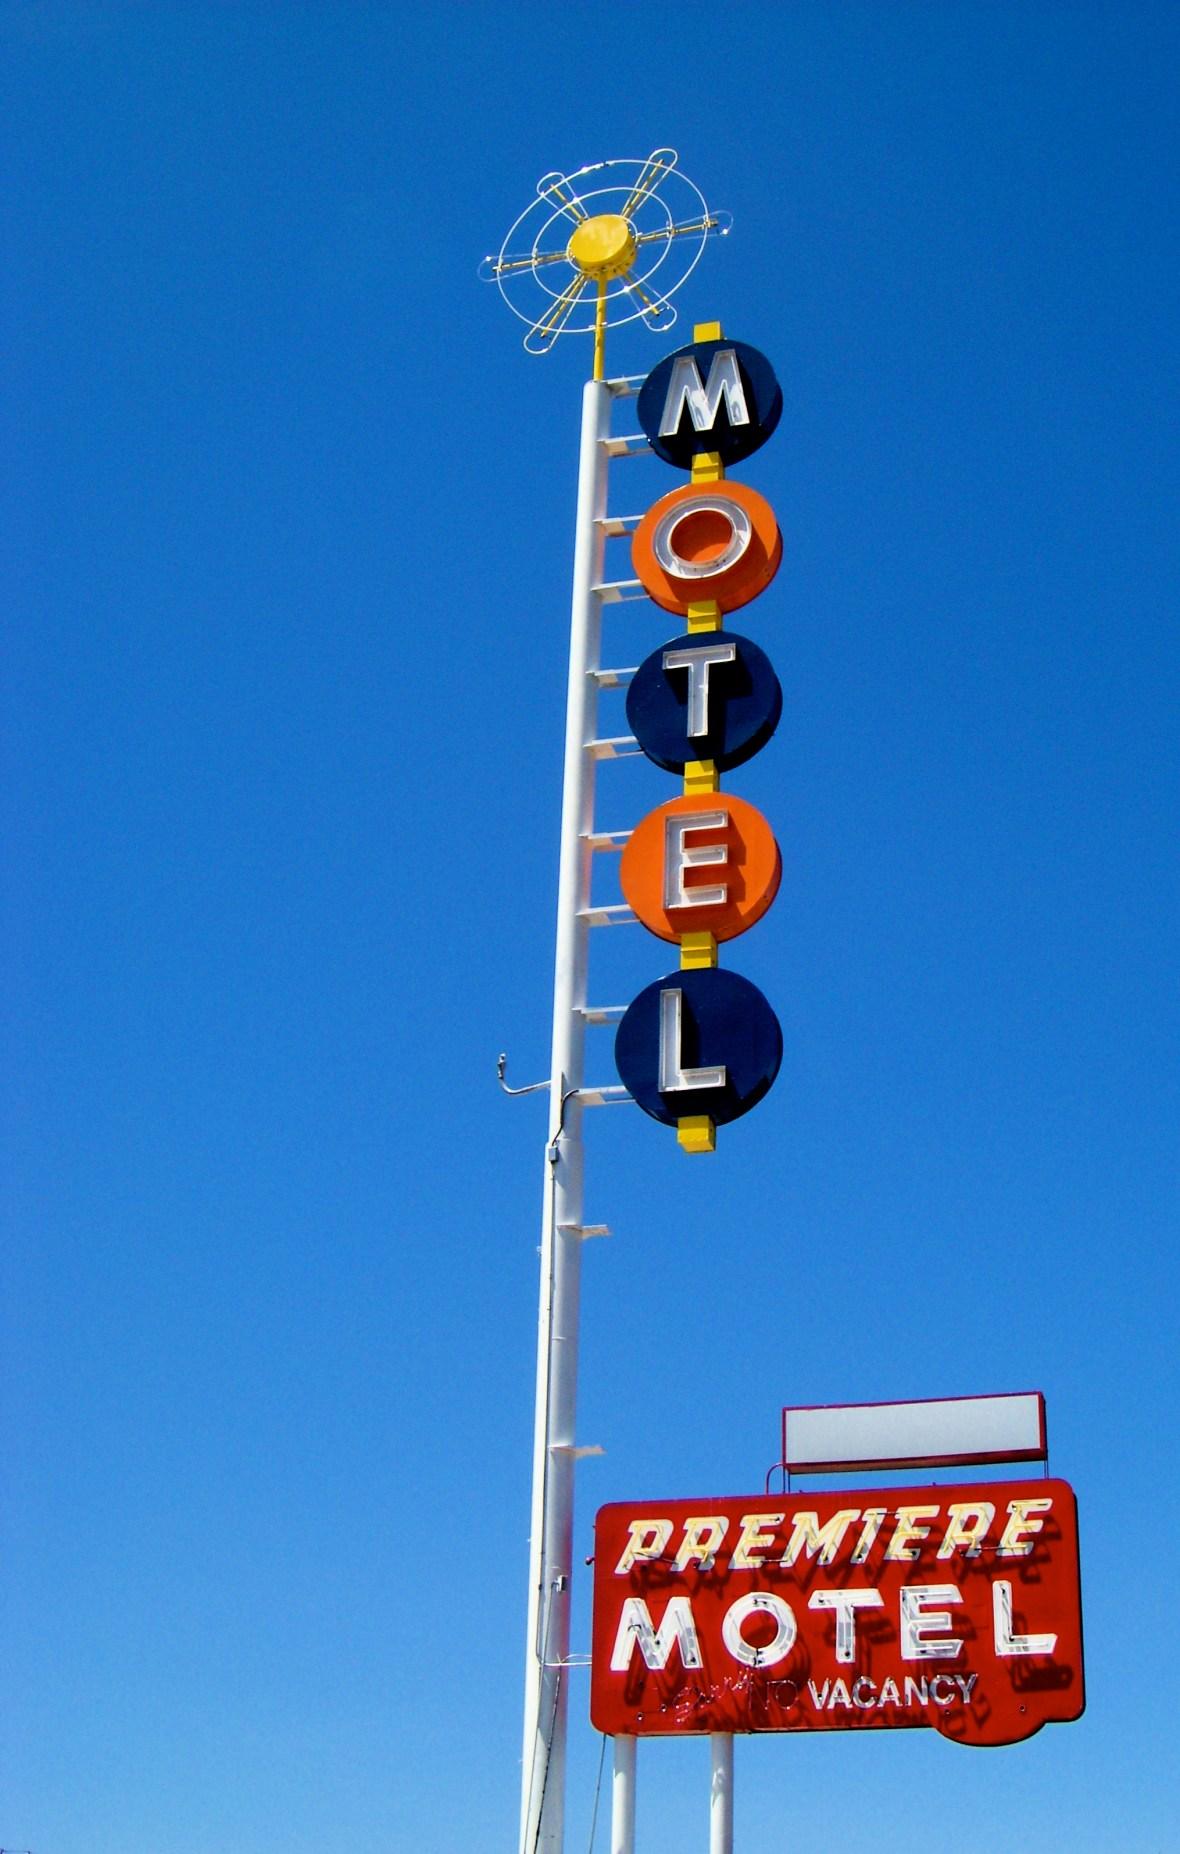 Premiere Motel - 3820 Central Avenue SE, Albuquerque, New Mexico U.S.A. - April 20, 2008